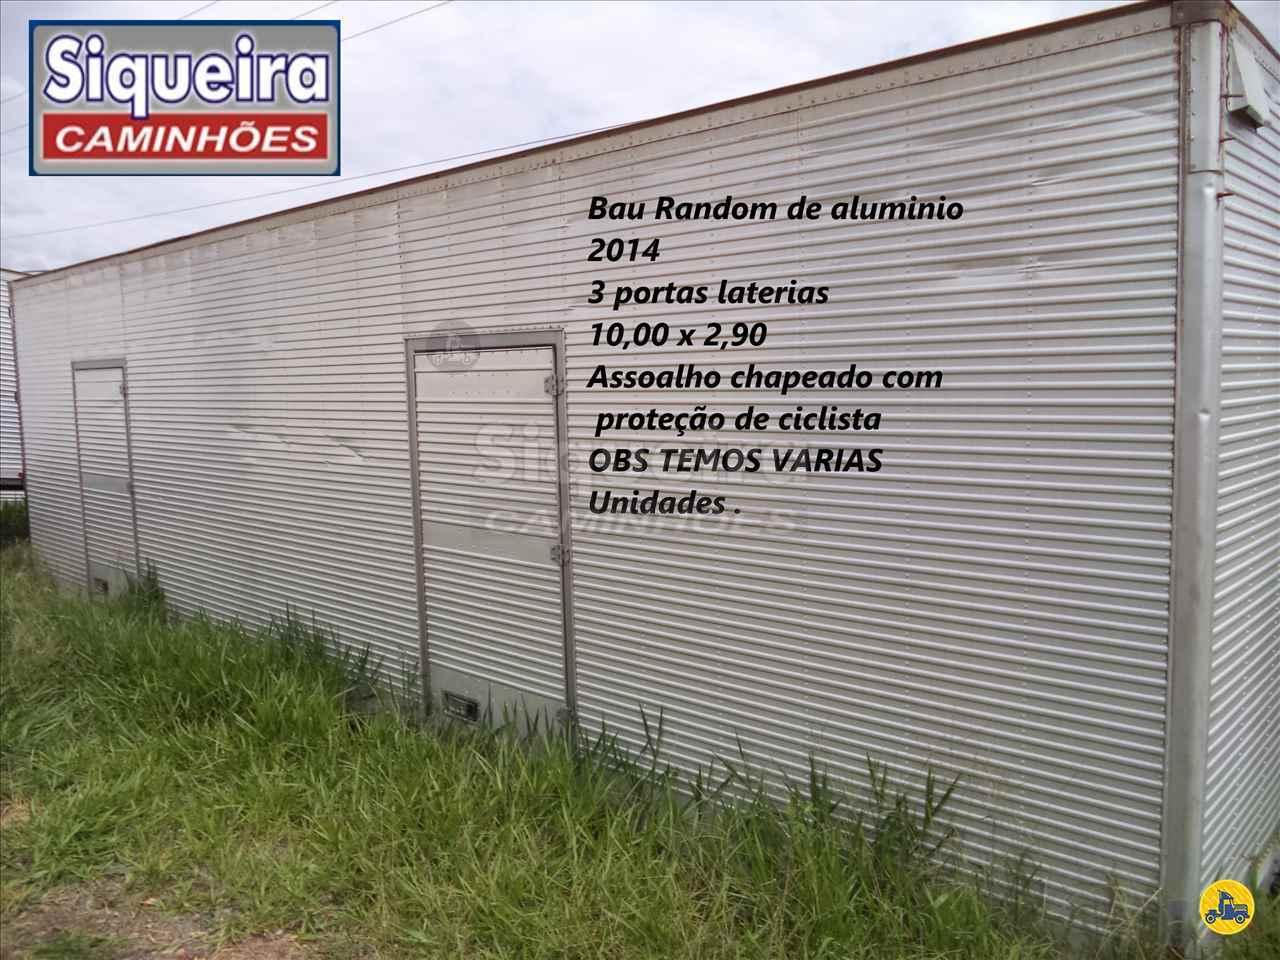 BITRUCK BAU FURGAO 0km 2014 Siqueira Caminhões